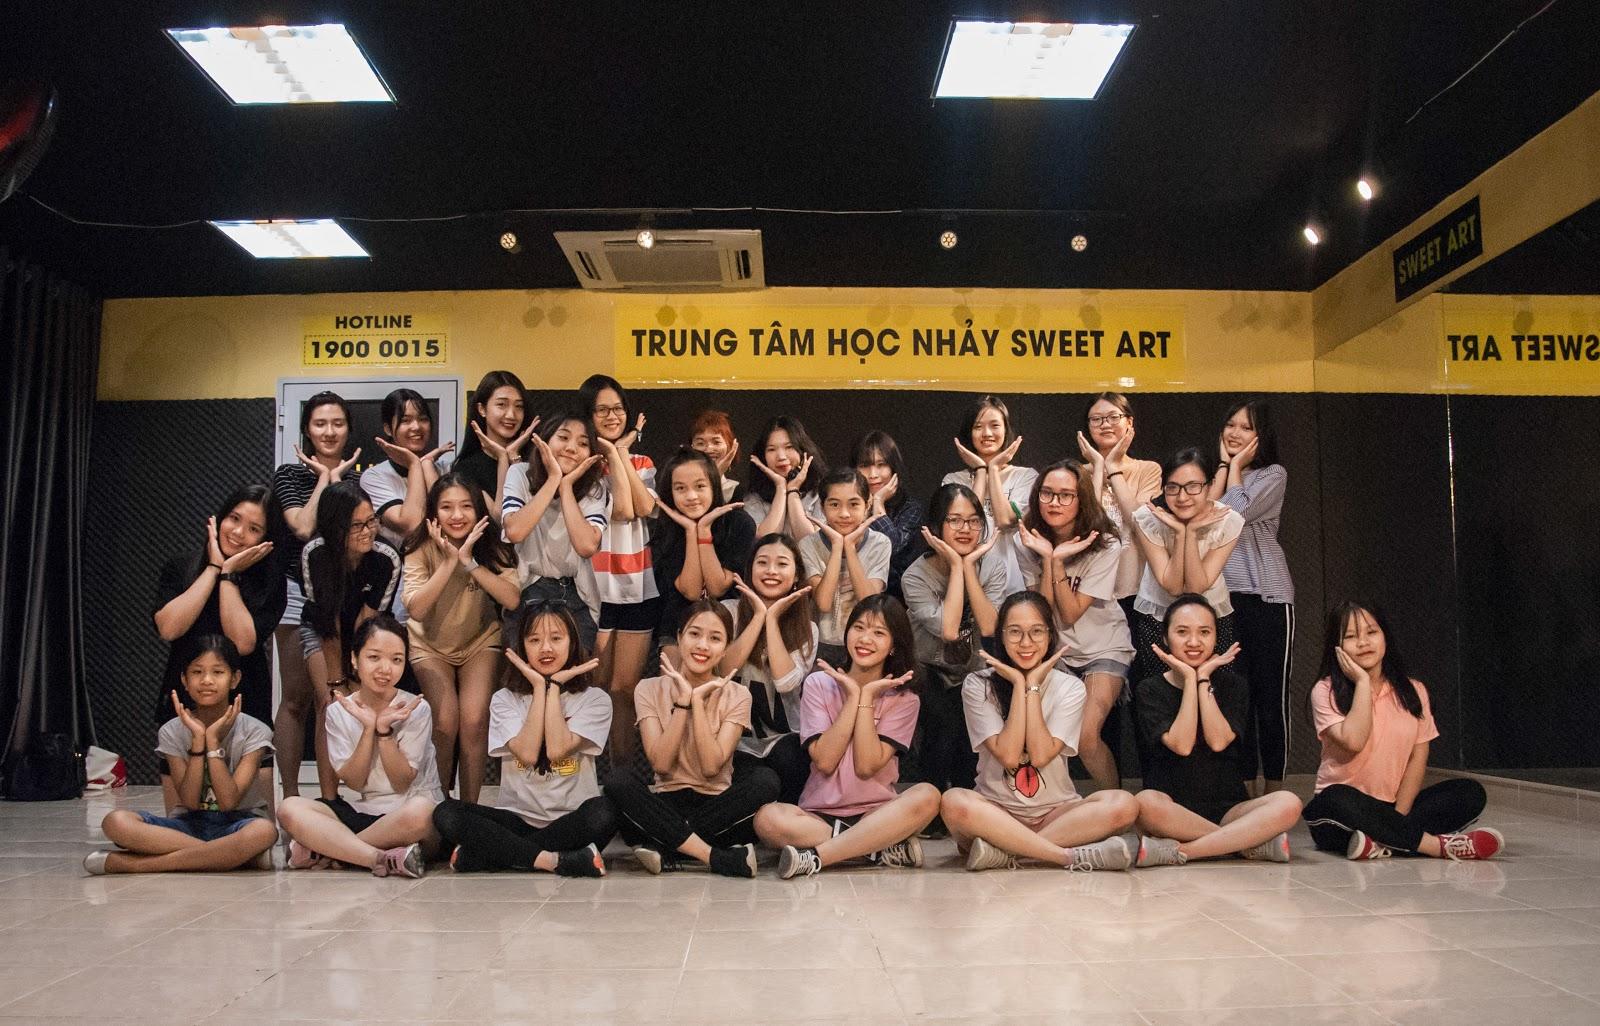 Sweet Art chinh phục nút bạc Youtube – Hành trình của một trung tâm học nhảy vô danh - Ảnh 3.